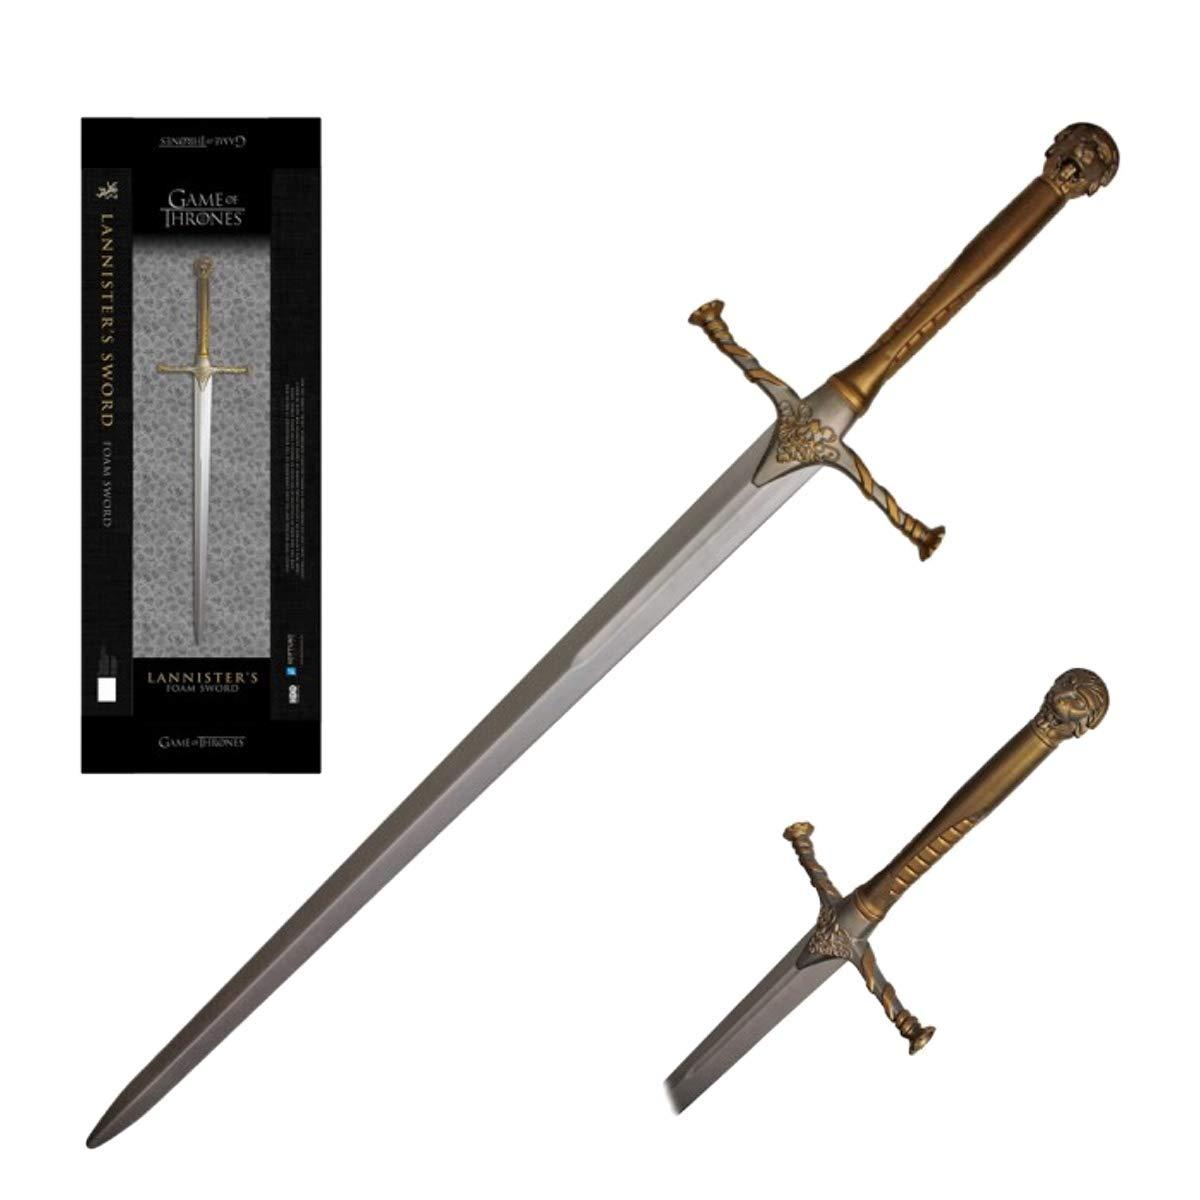 Las mejores Réplicas de Espadas de Juego de Tronos